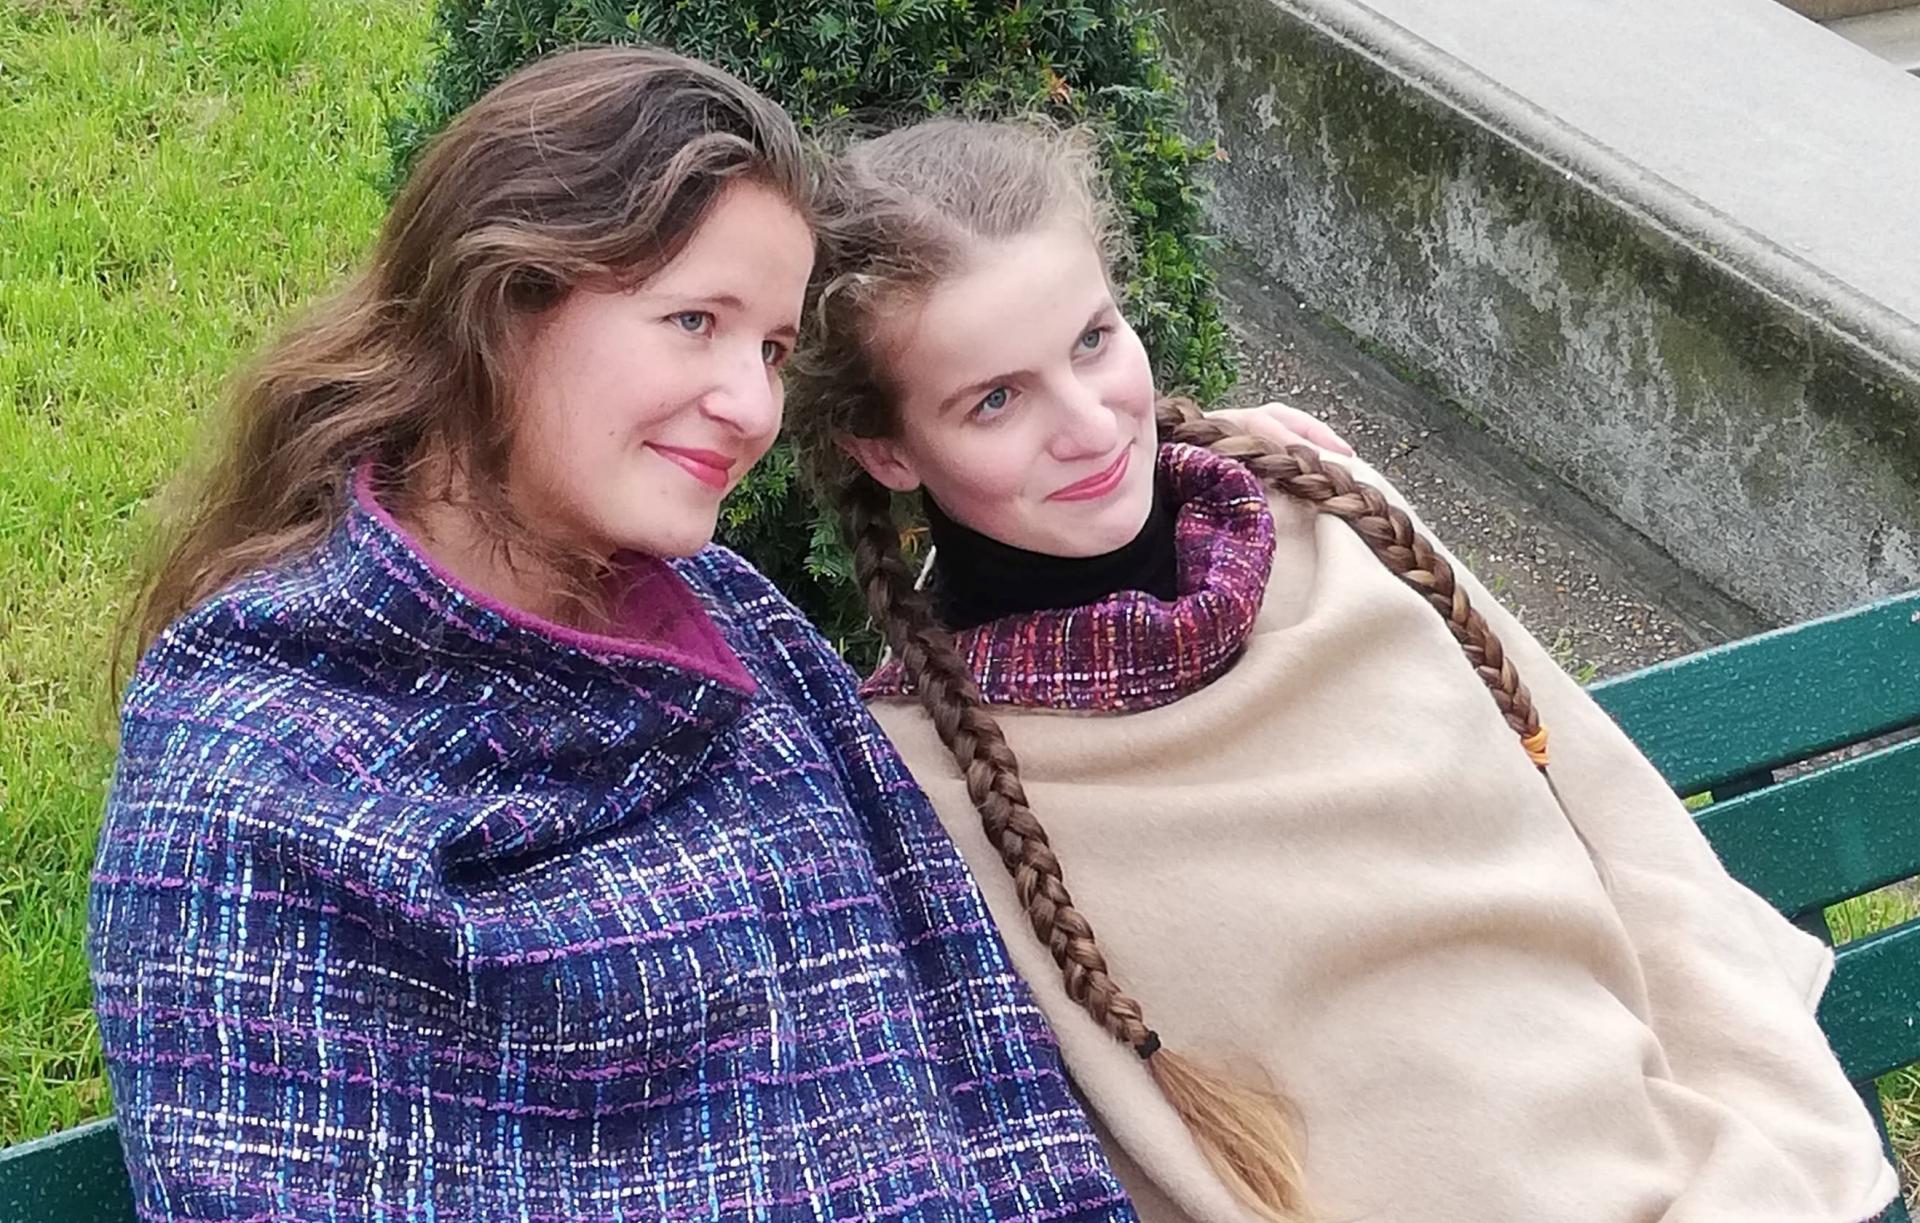 Poncho mesdames pour la collection automne hiver fifi au jardin i017 2